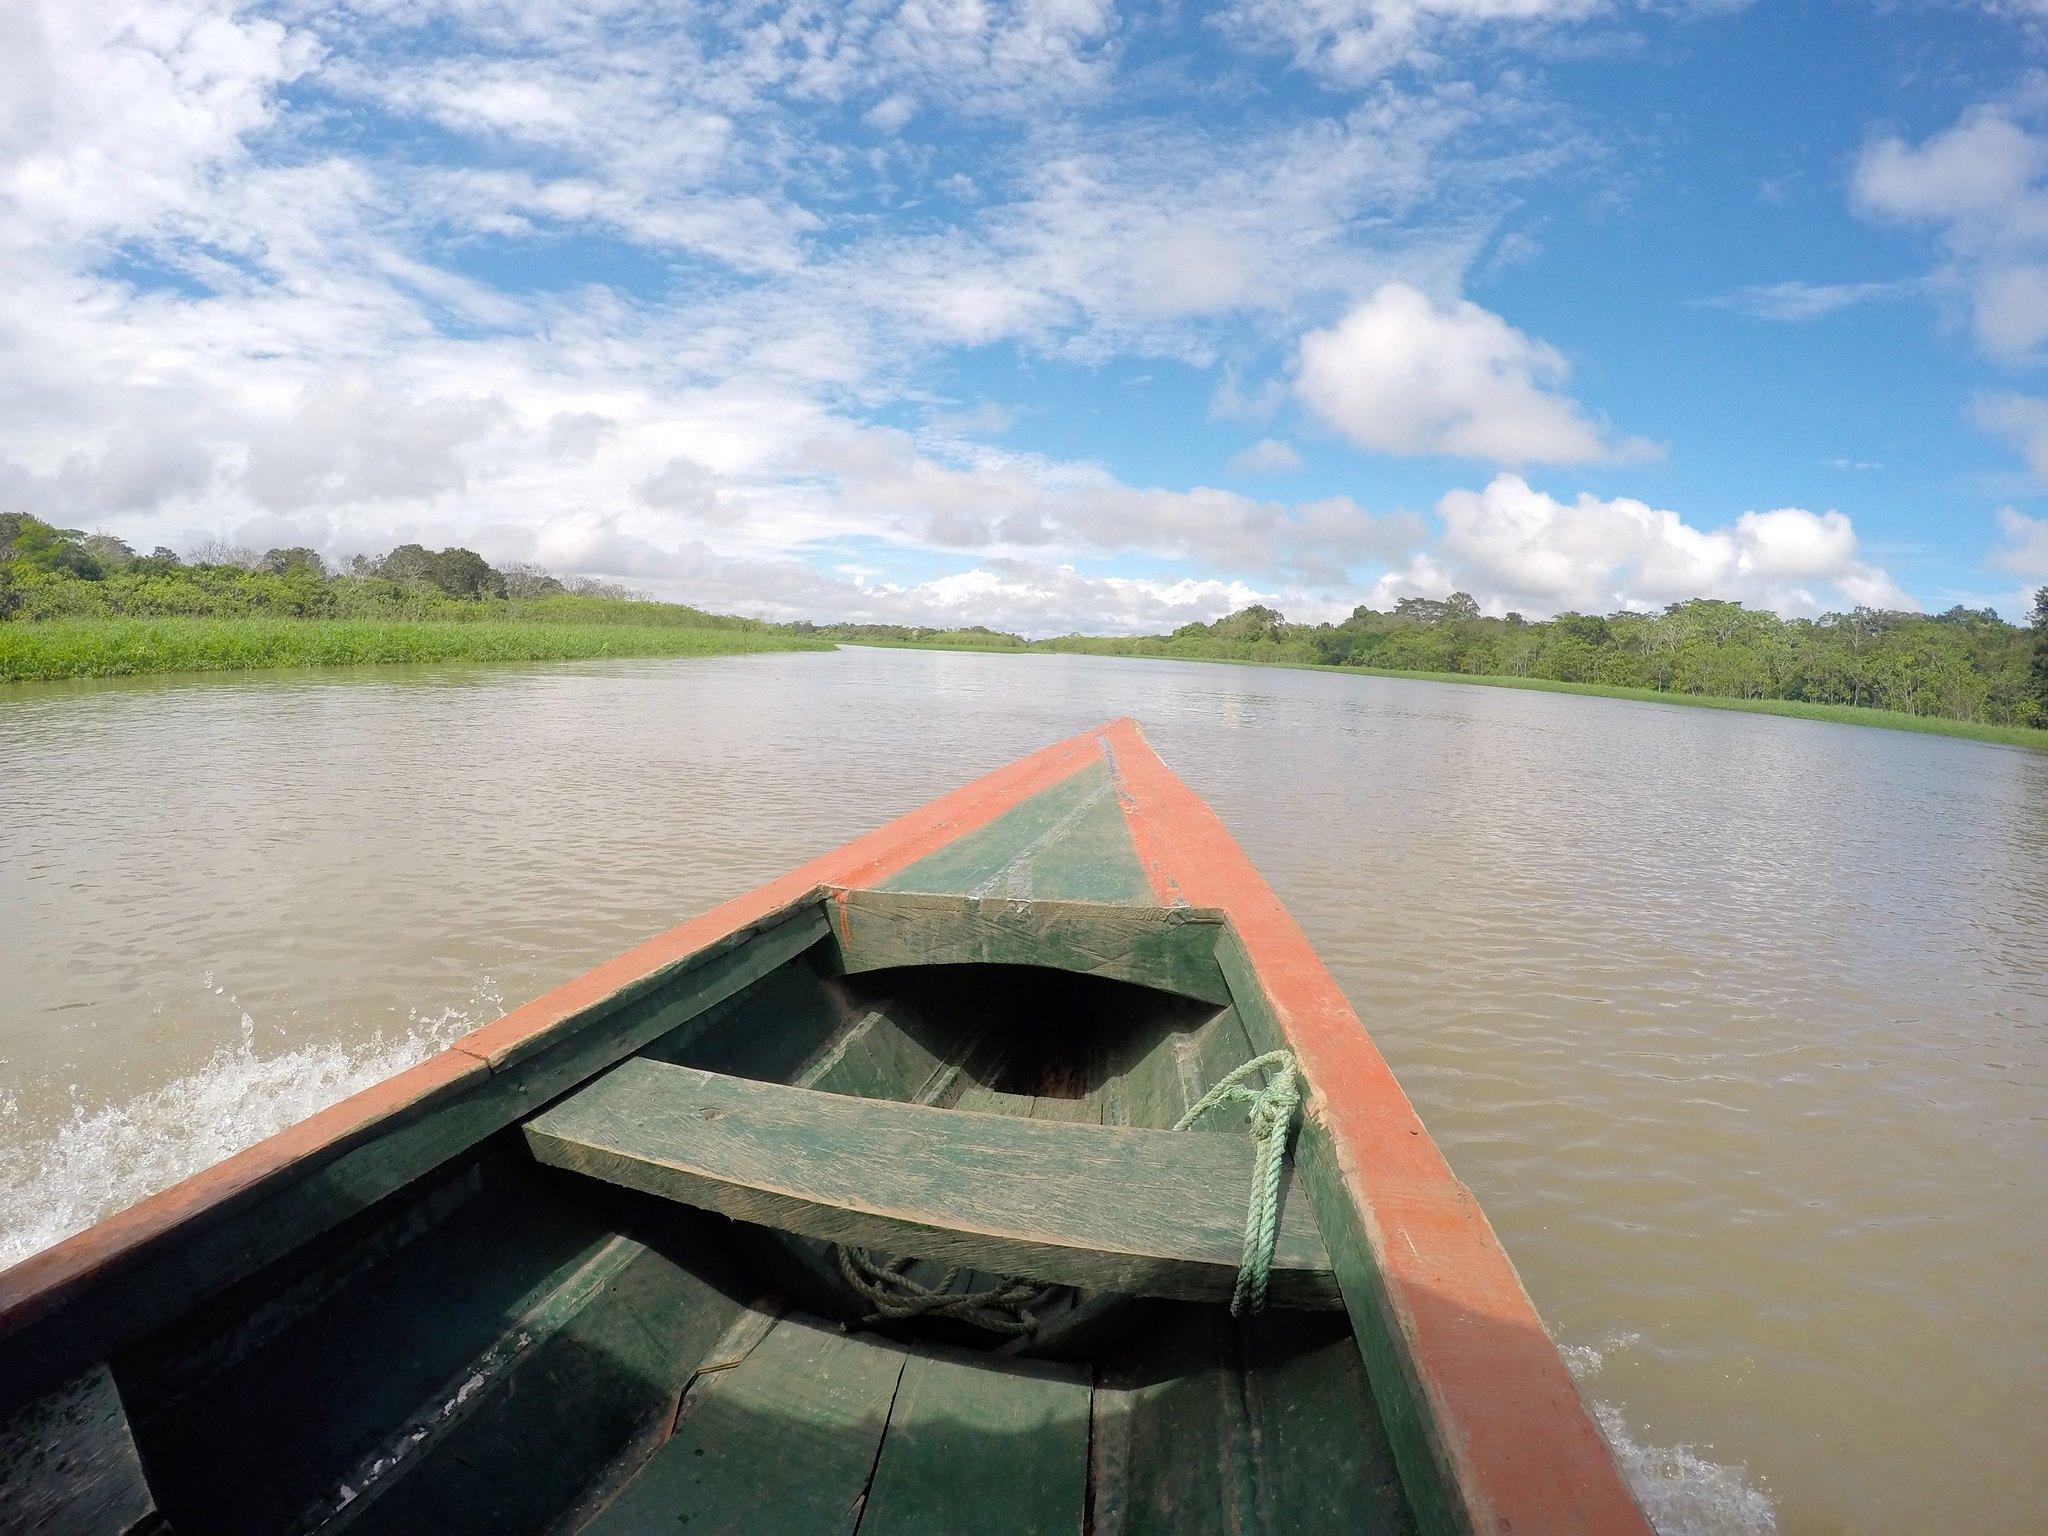 Pecapeca on the Amazon River